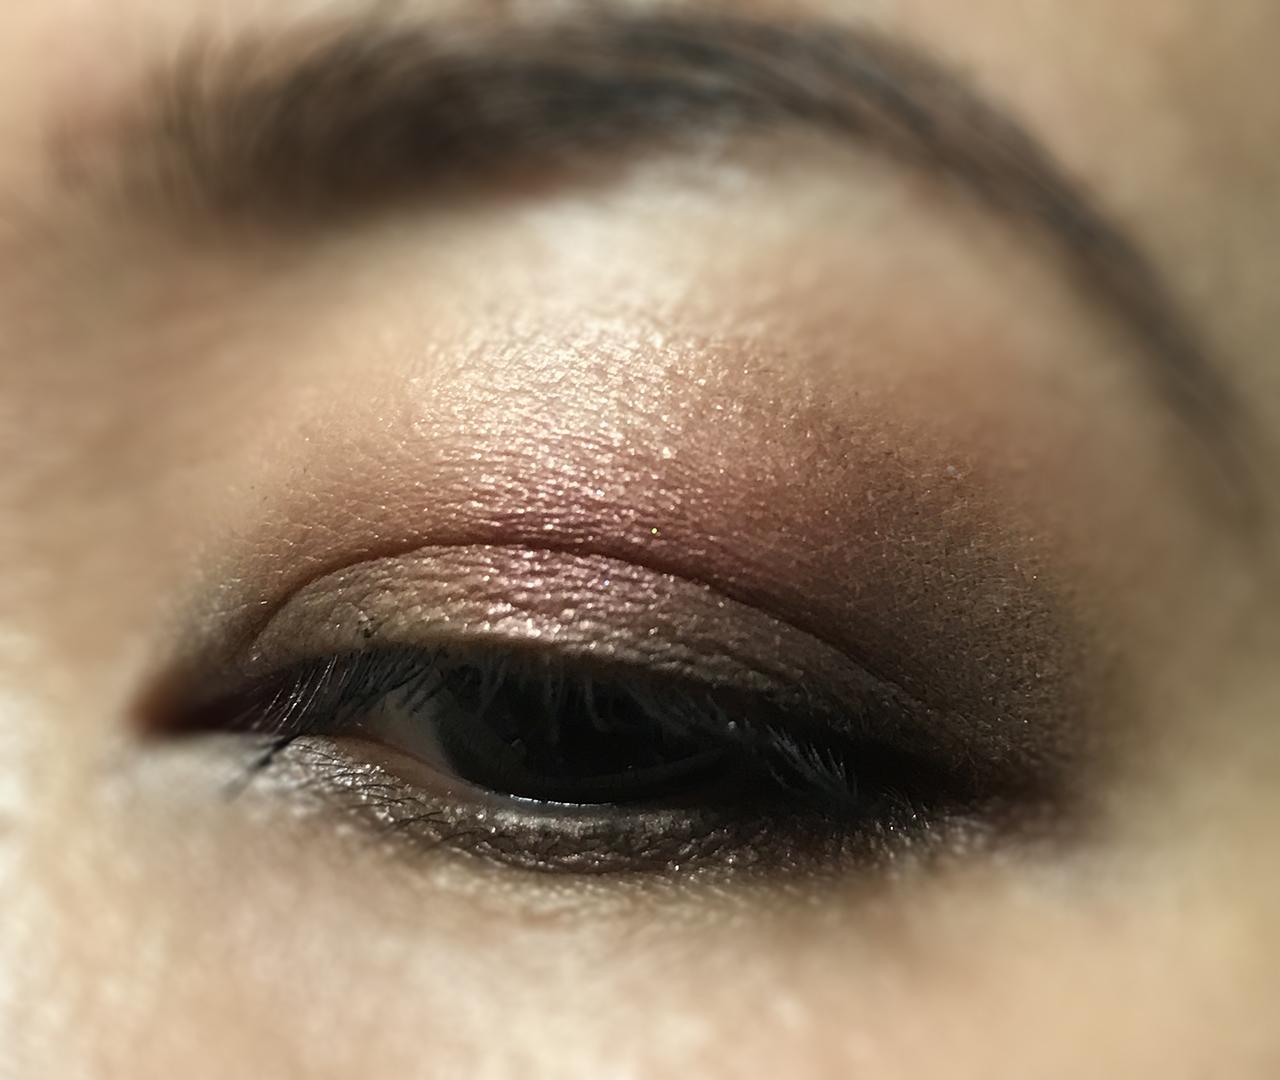 Lunasol Eye Shadow Quad EX-01 Warm Beige Nuance eye makeup look